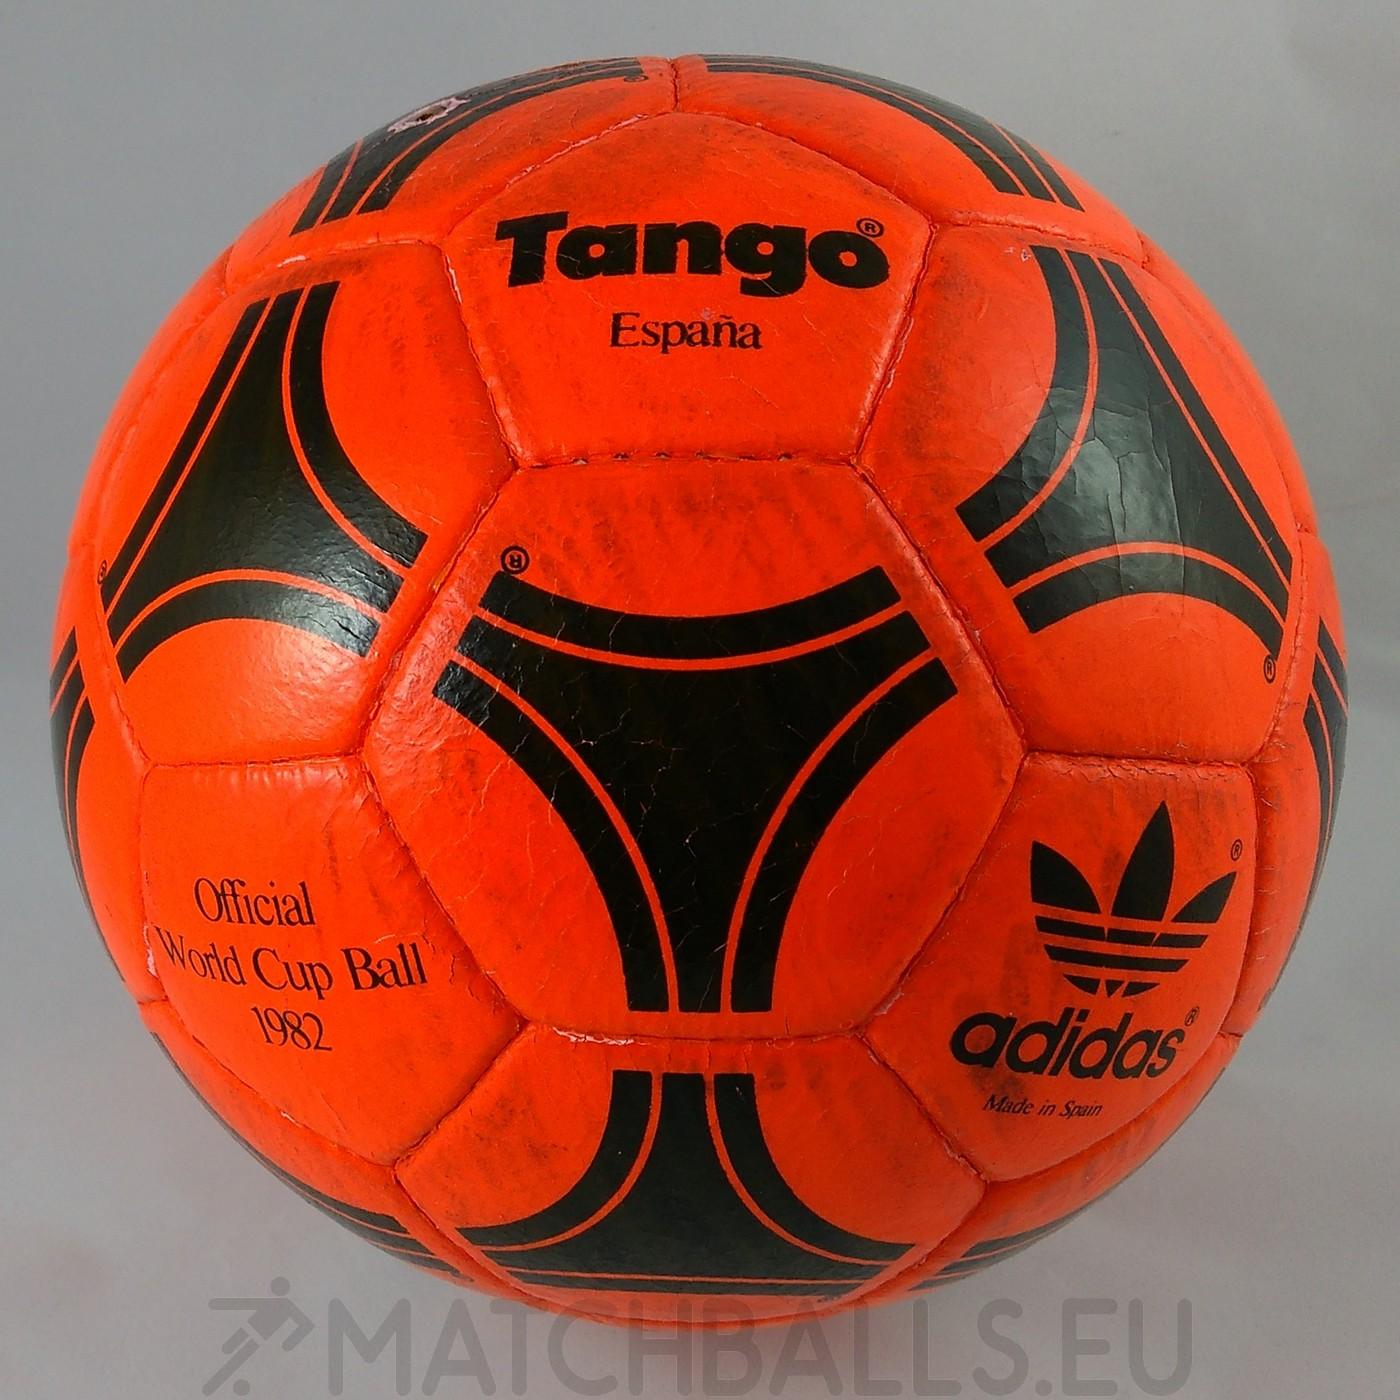 look good shoes sale official site new list Adidas Tango España Ball - Winter (OMB) | matchballs.eu